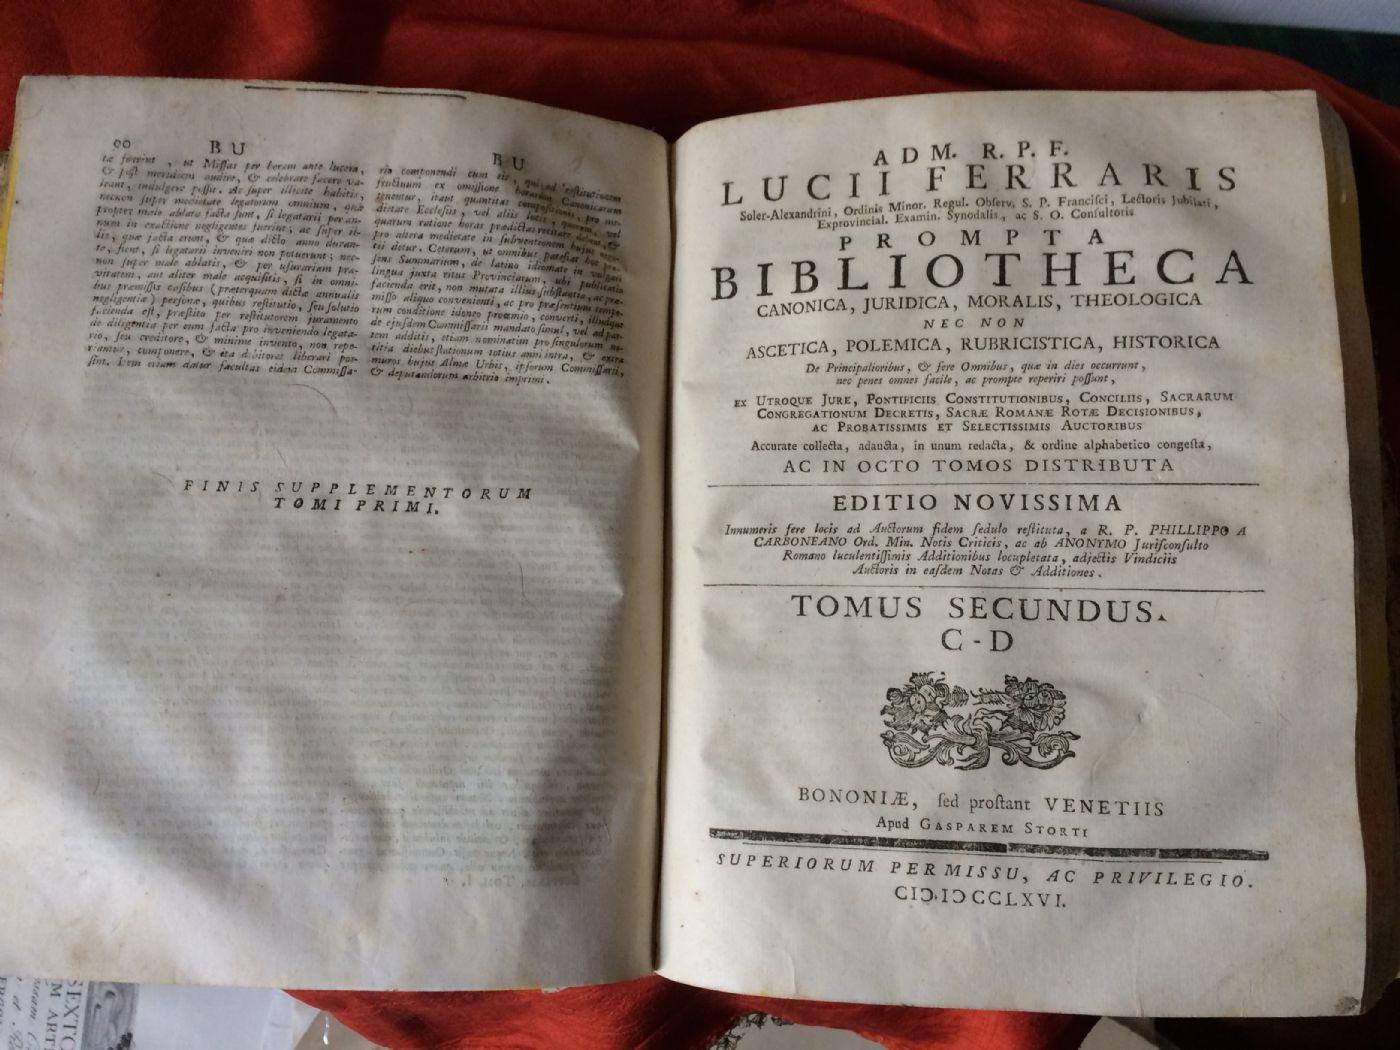 thumb5|Lucii Ferraris, Prompta Bibliotheca